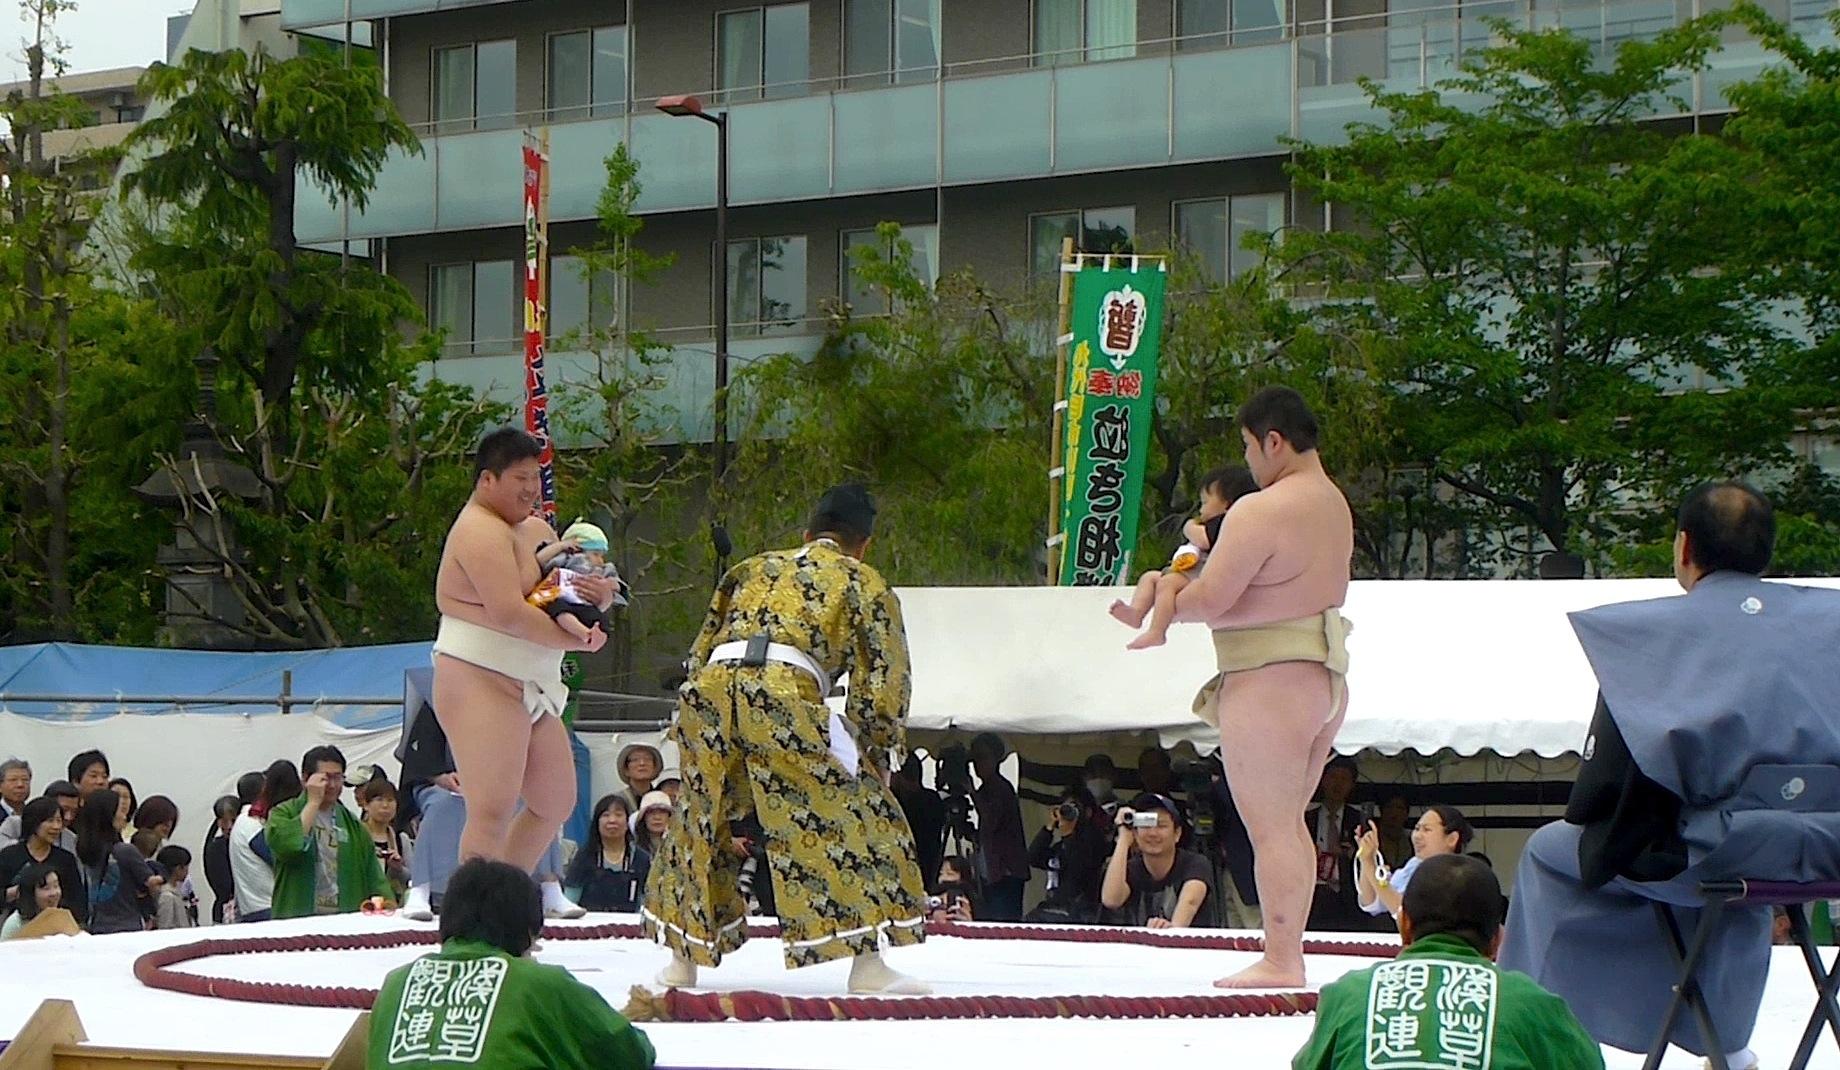 konaki-sumo